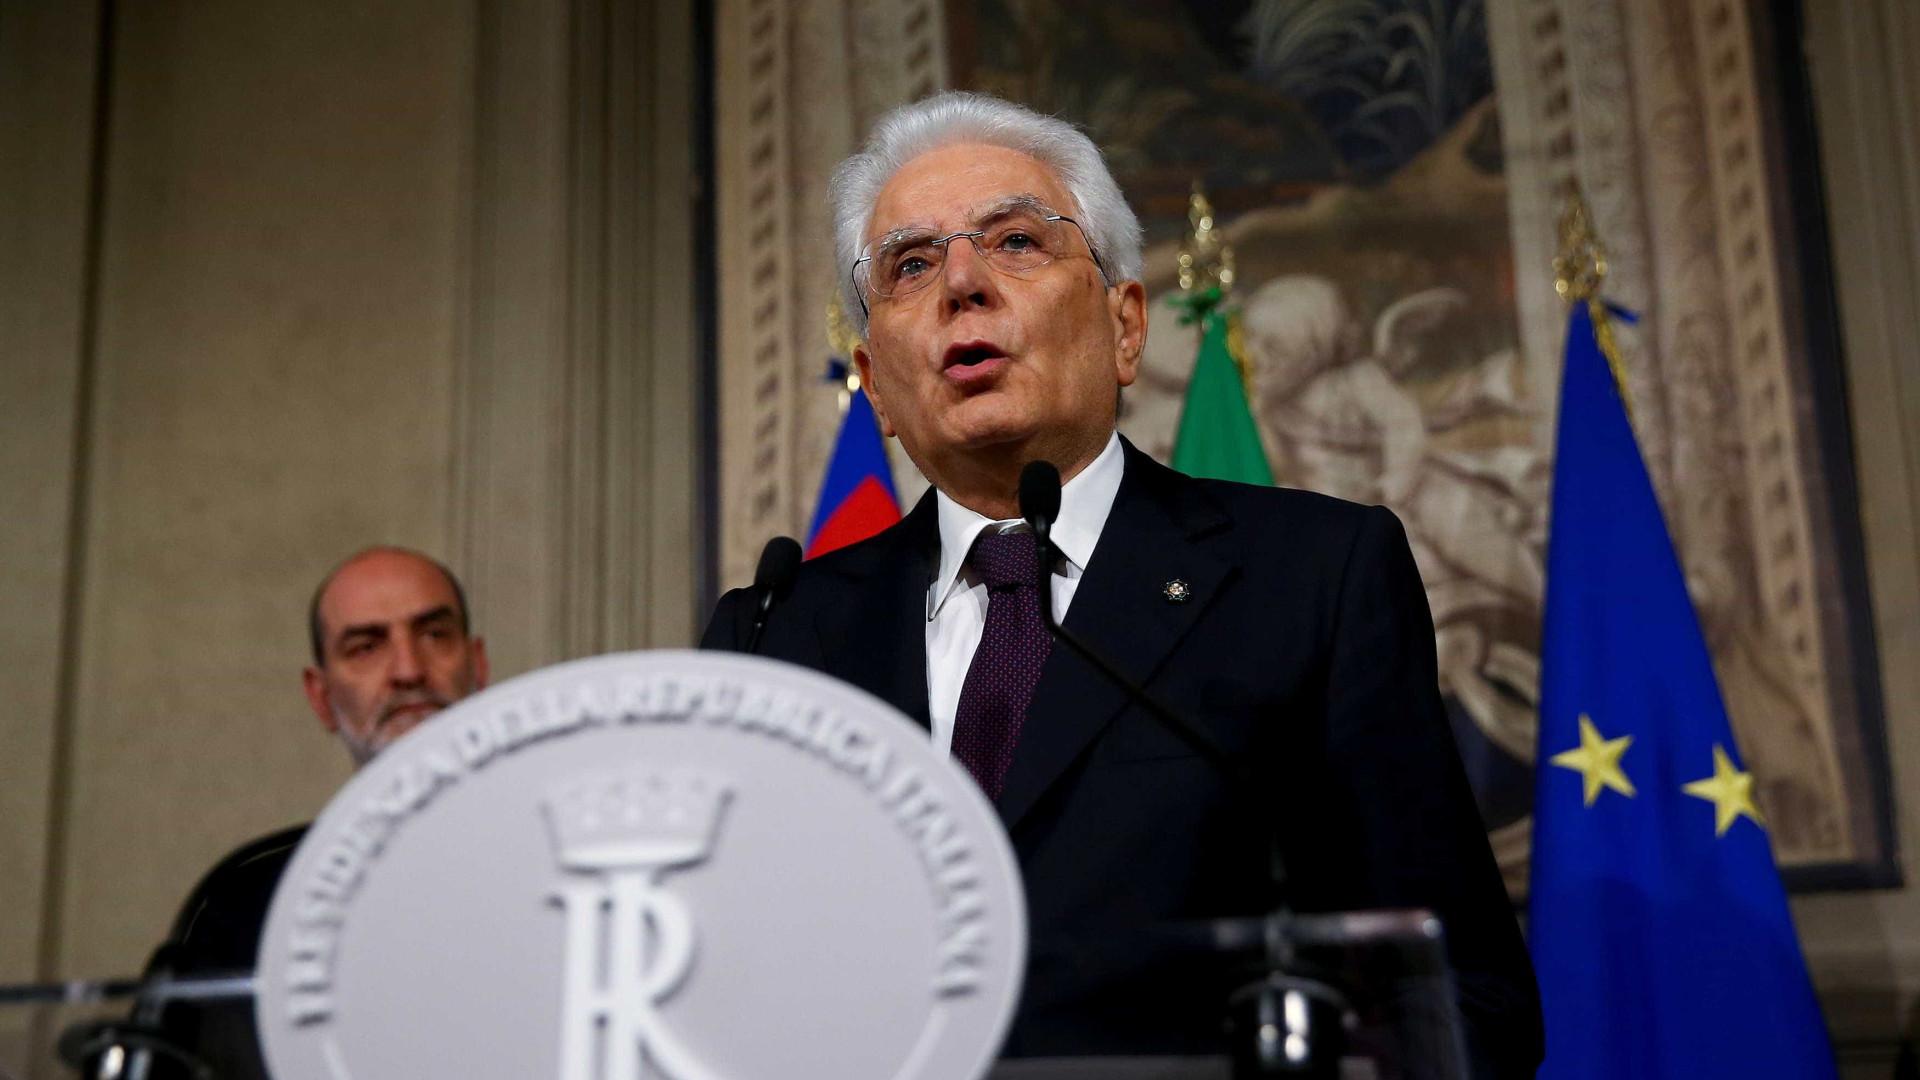 Presidente italiano envia carta a Temer sobre extradição de Battisti